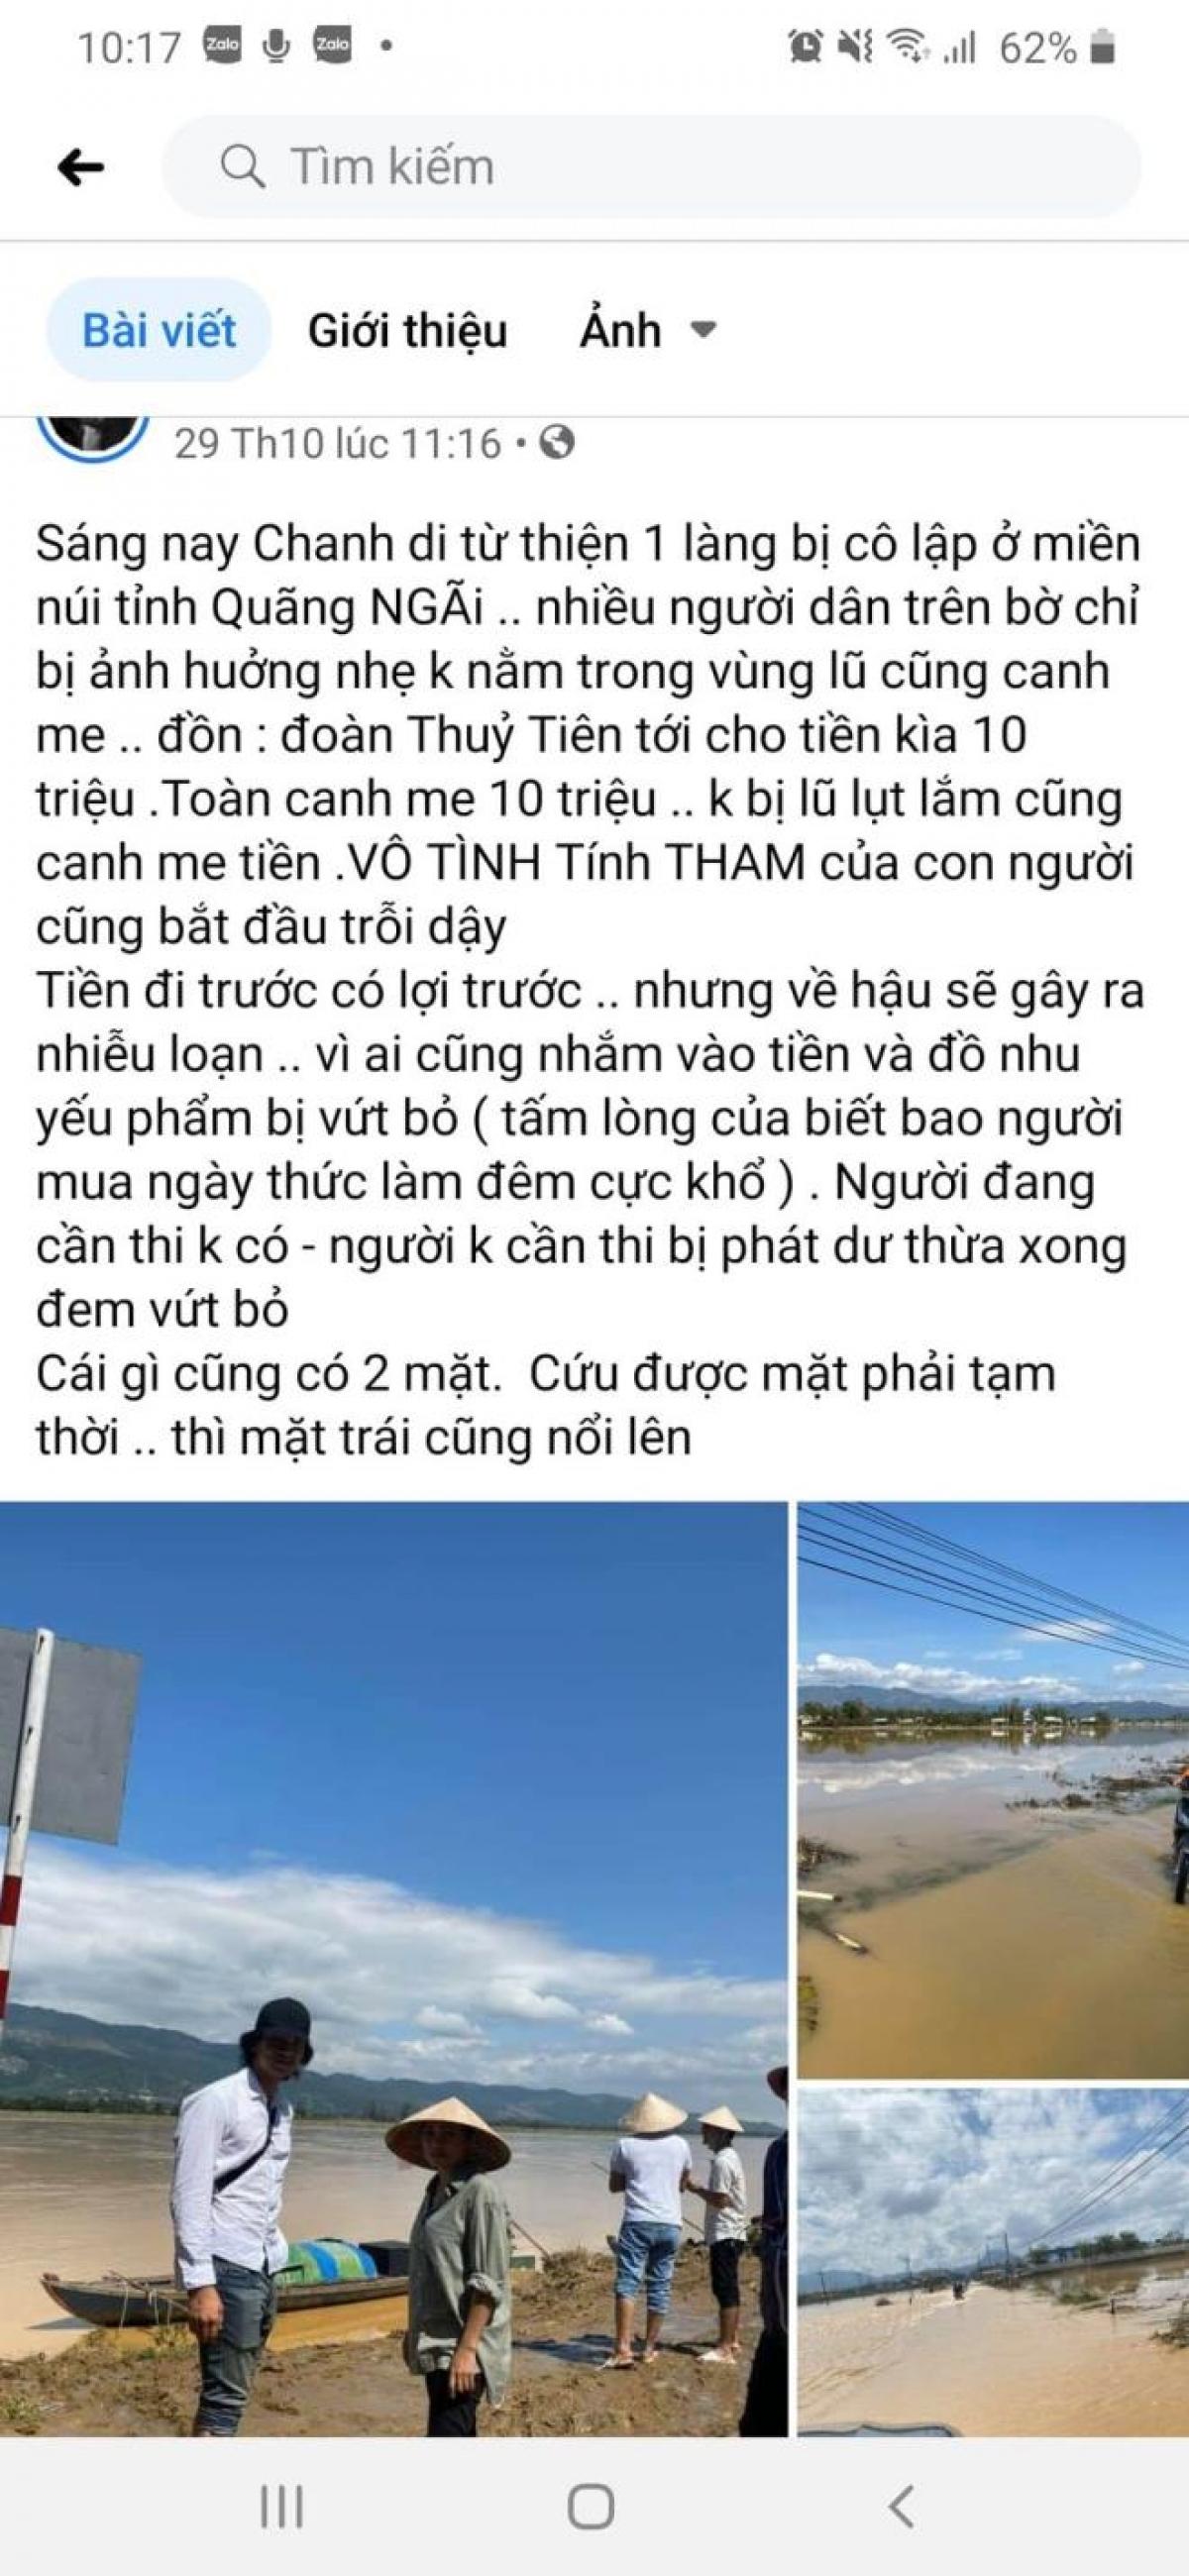 Cơ quan chức năng Quảng Ngãi yêu cầu ca sĩ Phương Thanh gỡ bỏ bài viết trên mạng xã hội. (Ảnh: N.H)